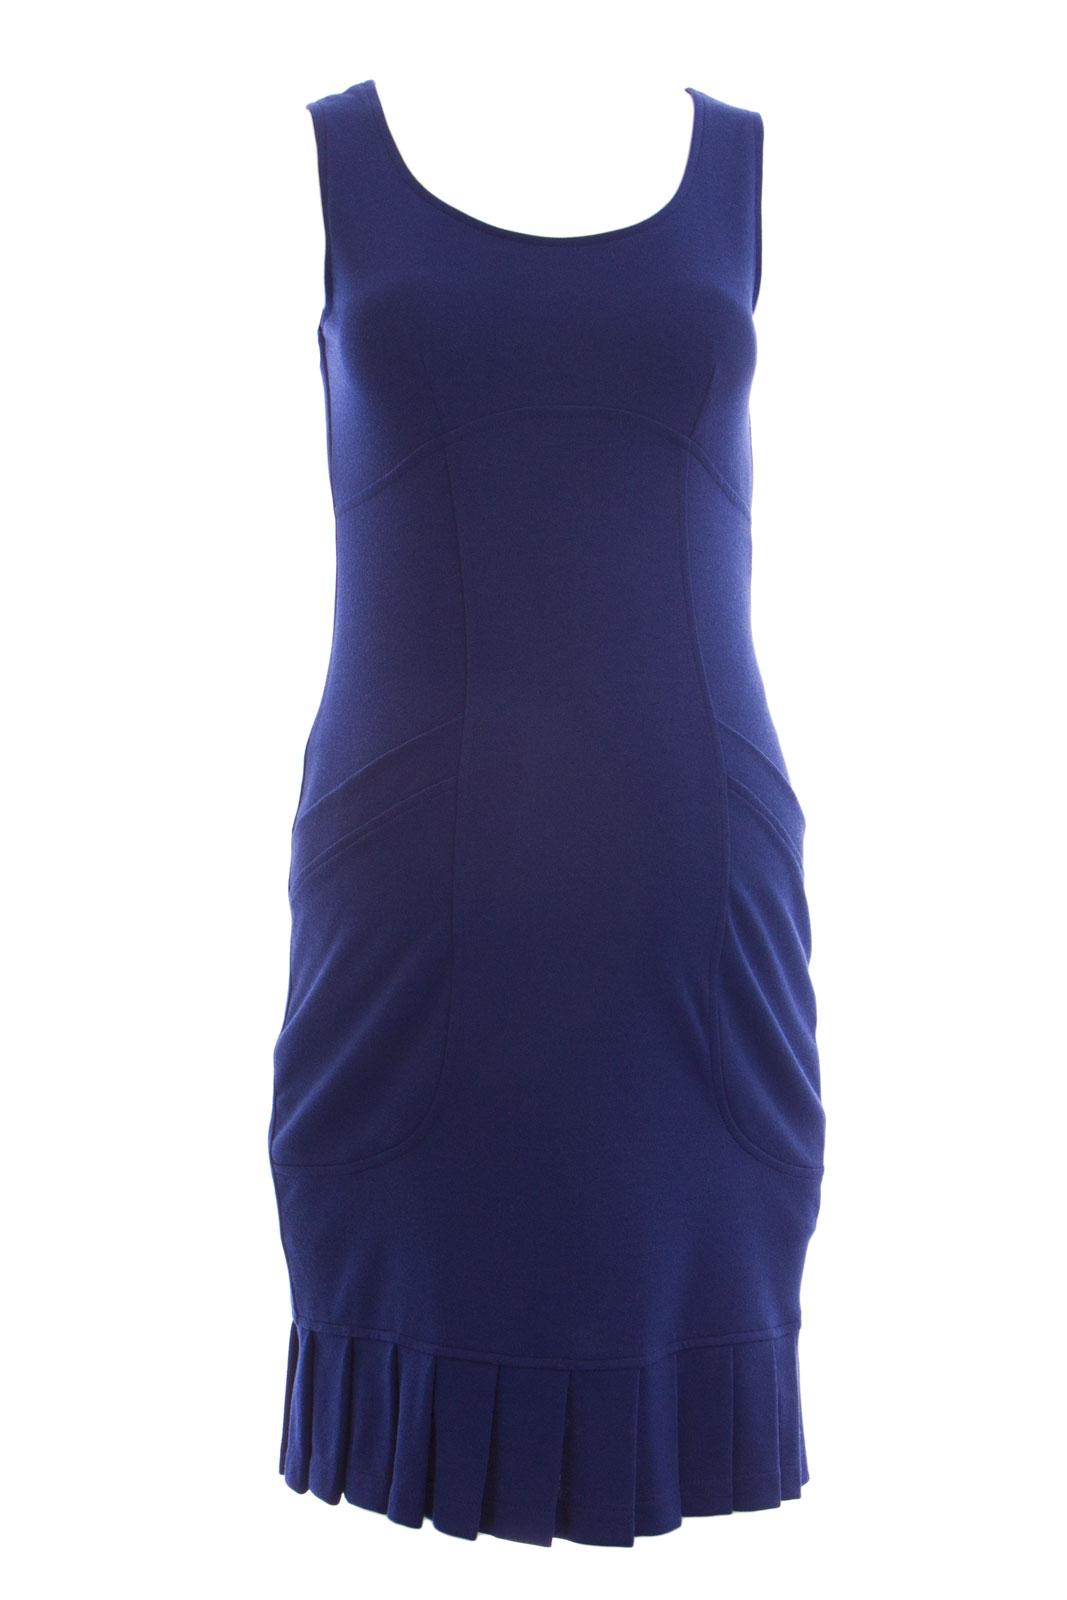 Olian maternity womens pleated hem sleeveless pullover dress 140 olian maternity womens blue pleated hem sleeveless pullover dress xs 140 nwt ombrellifo Choice Image